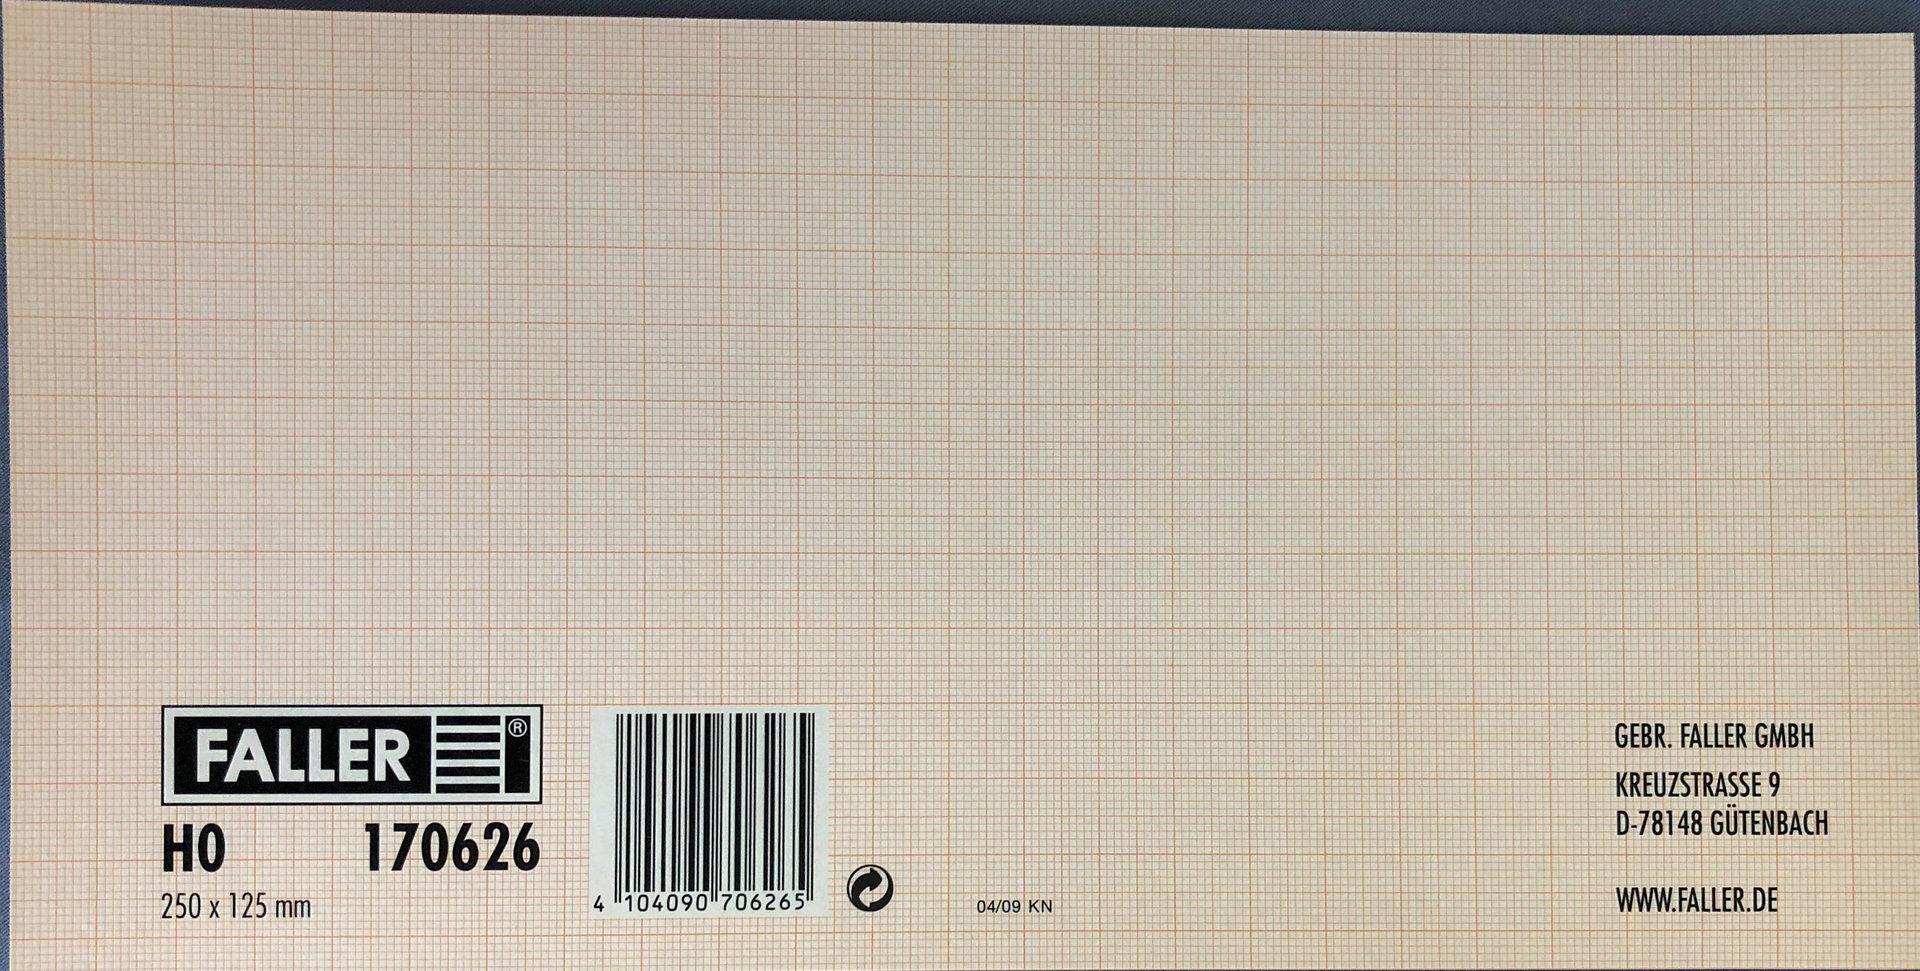 Faller 170626 Mauerplatte Waschbeton